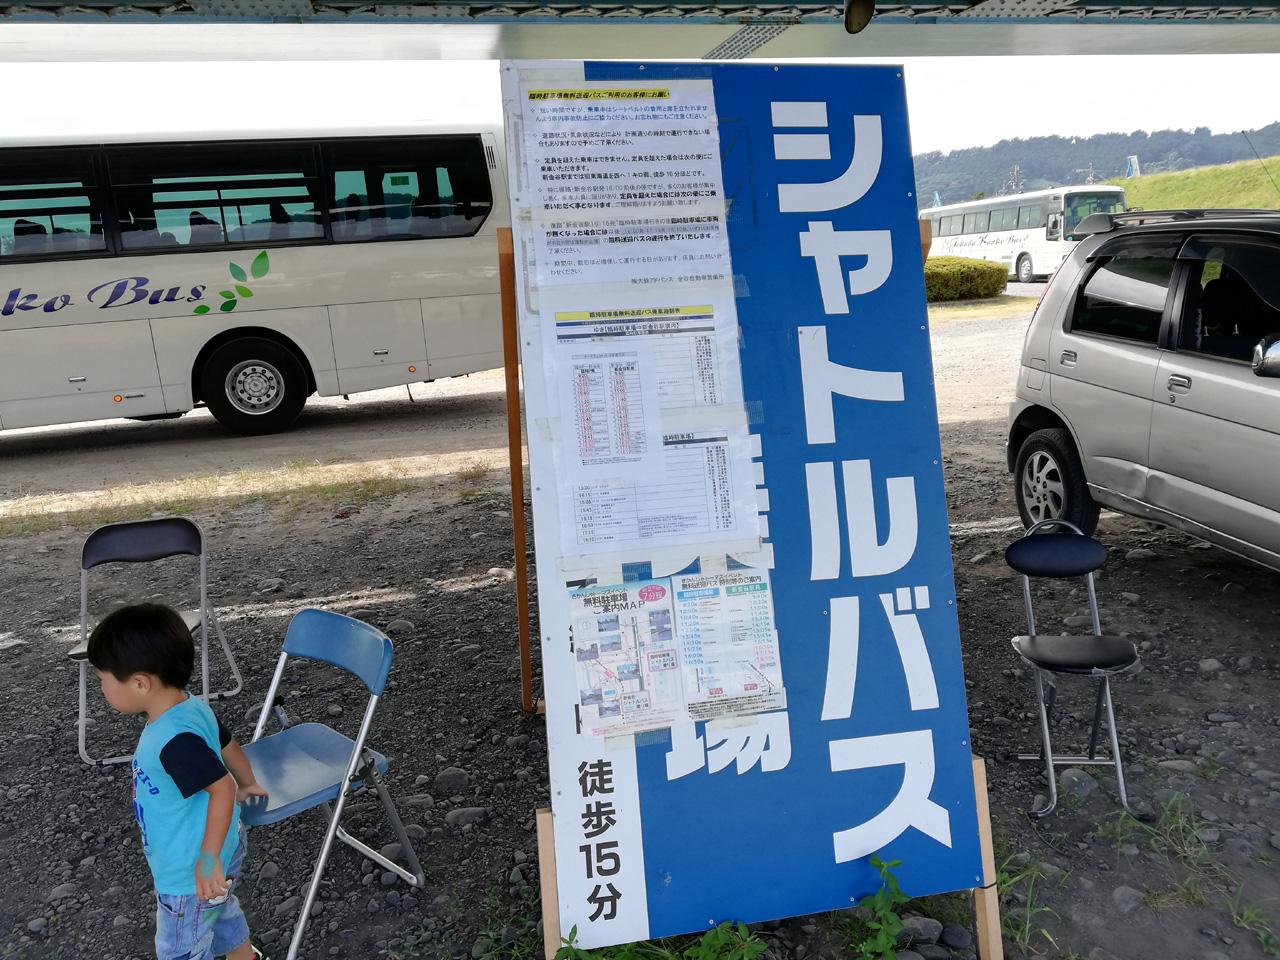 シャトルバスの運行掲示板